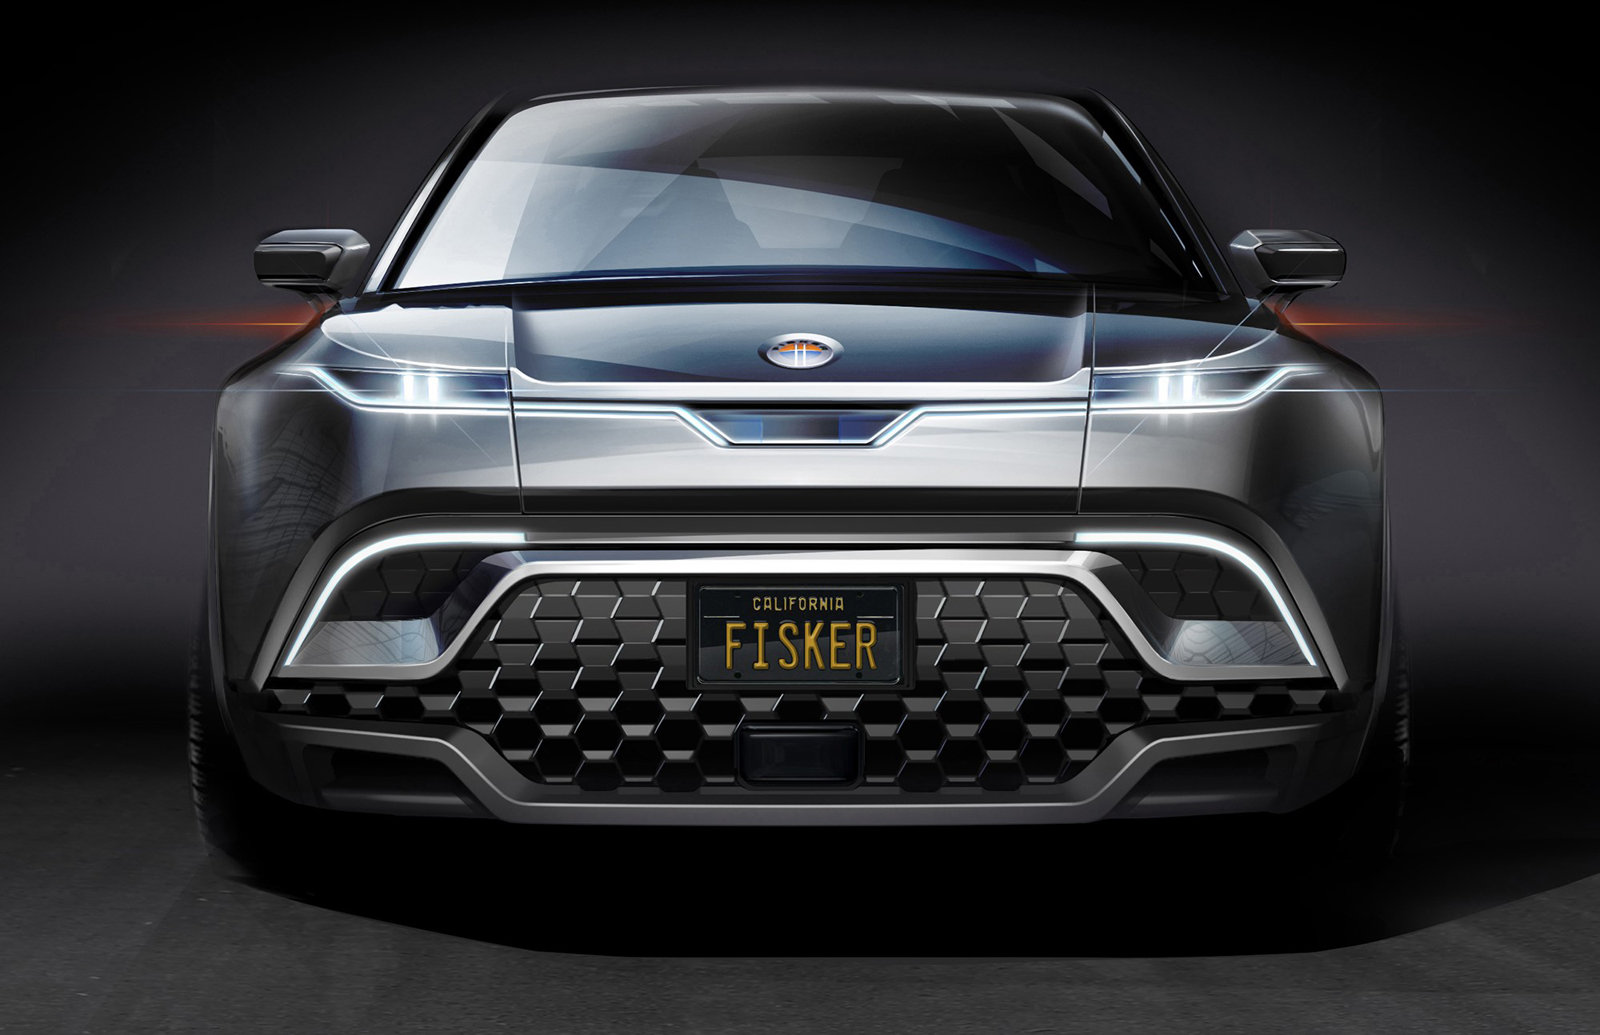 شركة فيسكر تخطط للكشف عن سيارة كهربائية منافسة لتسلا Model Y